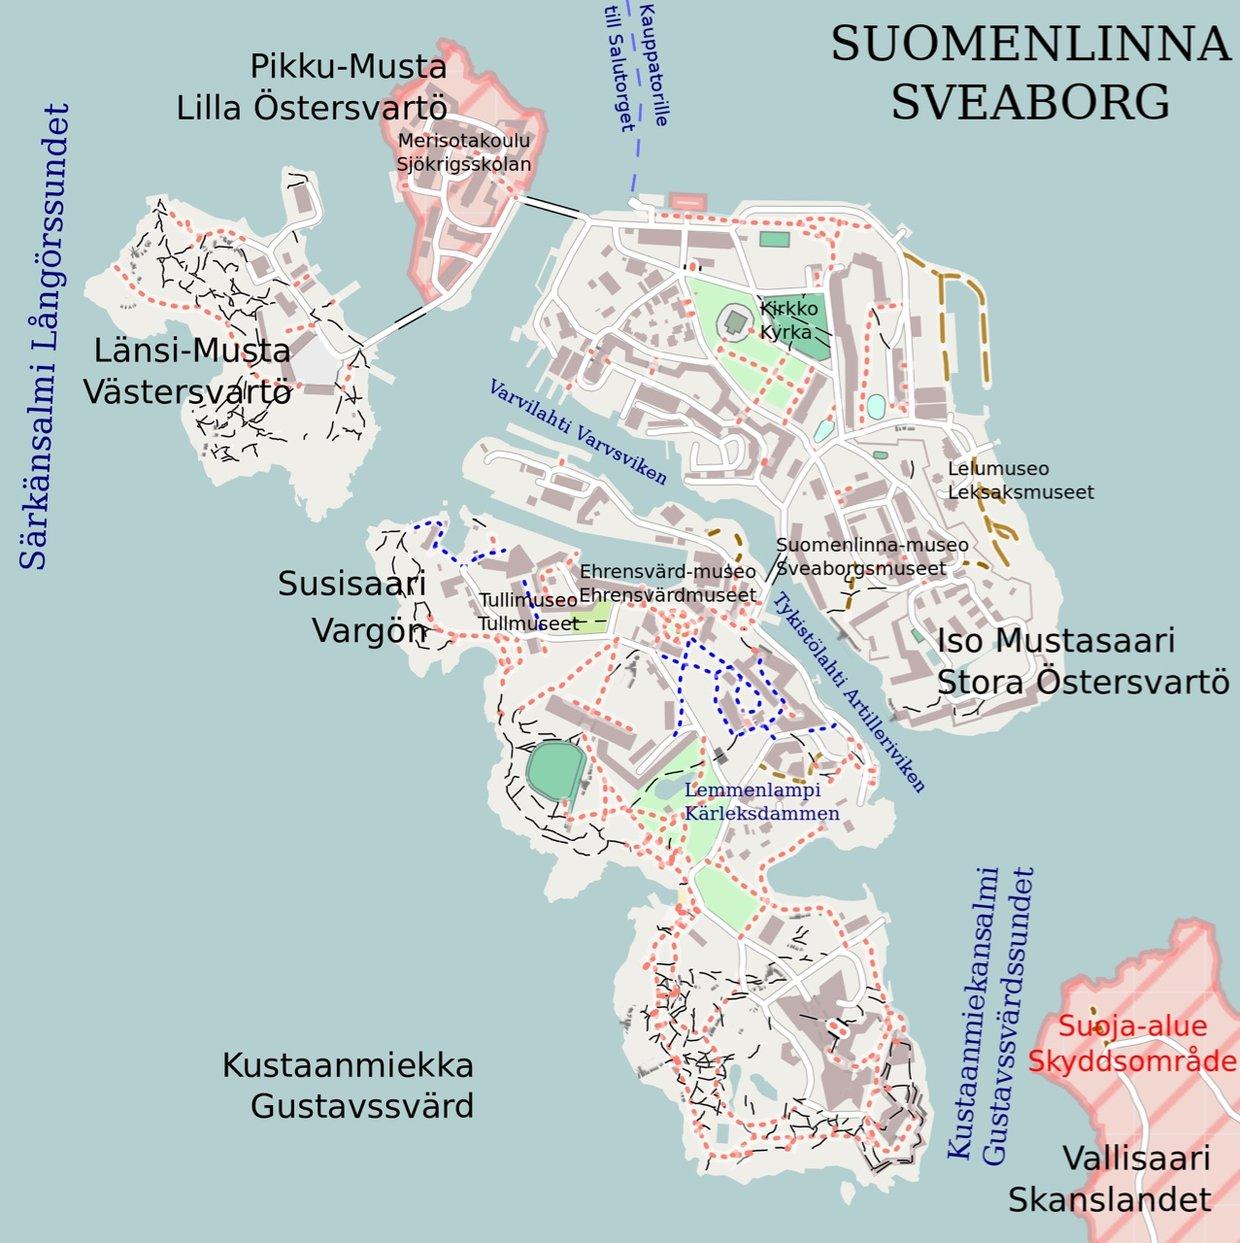 suomenlinna kartta Suomenlinna kartta